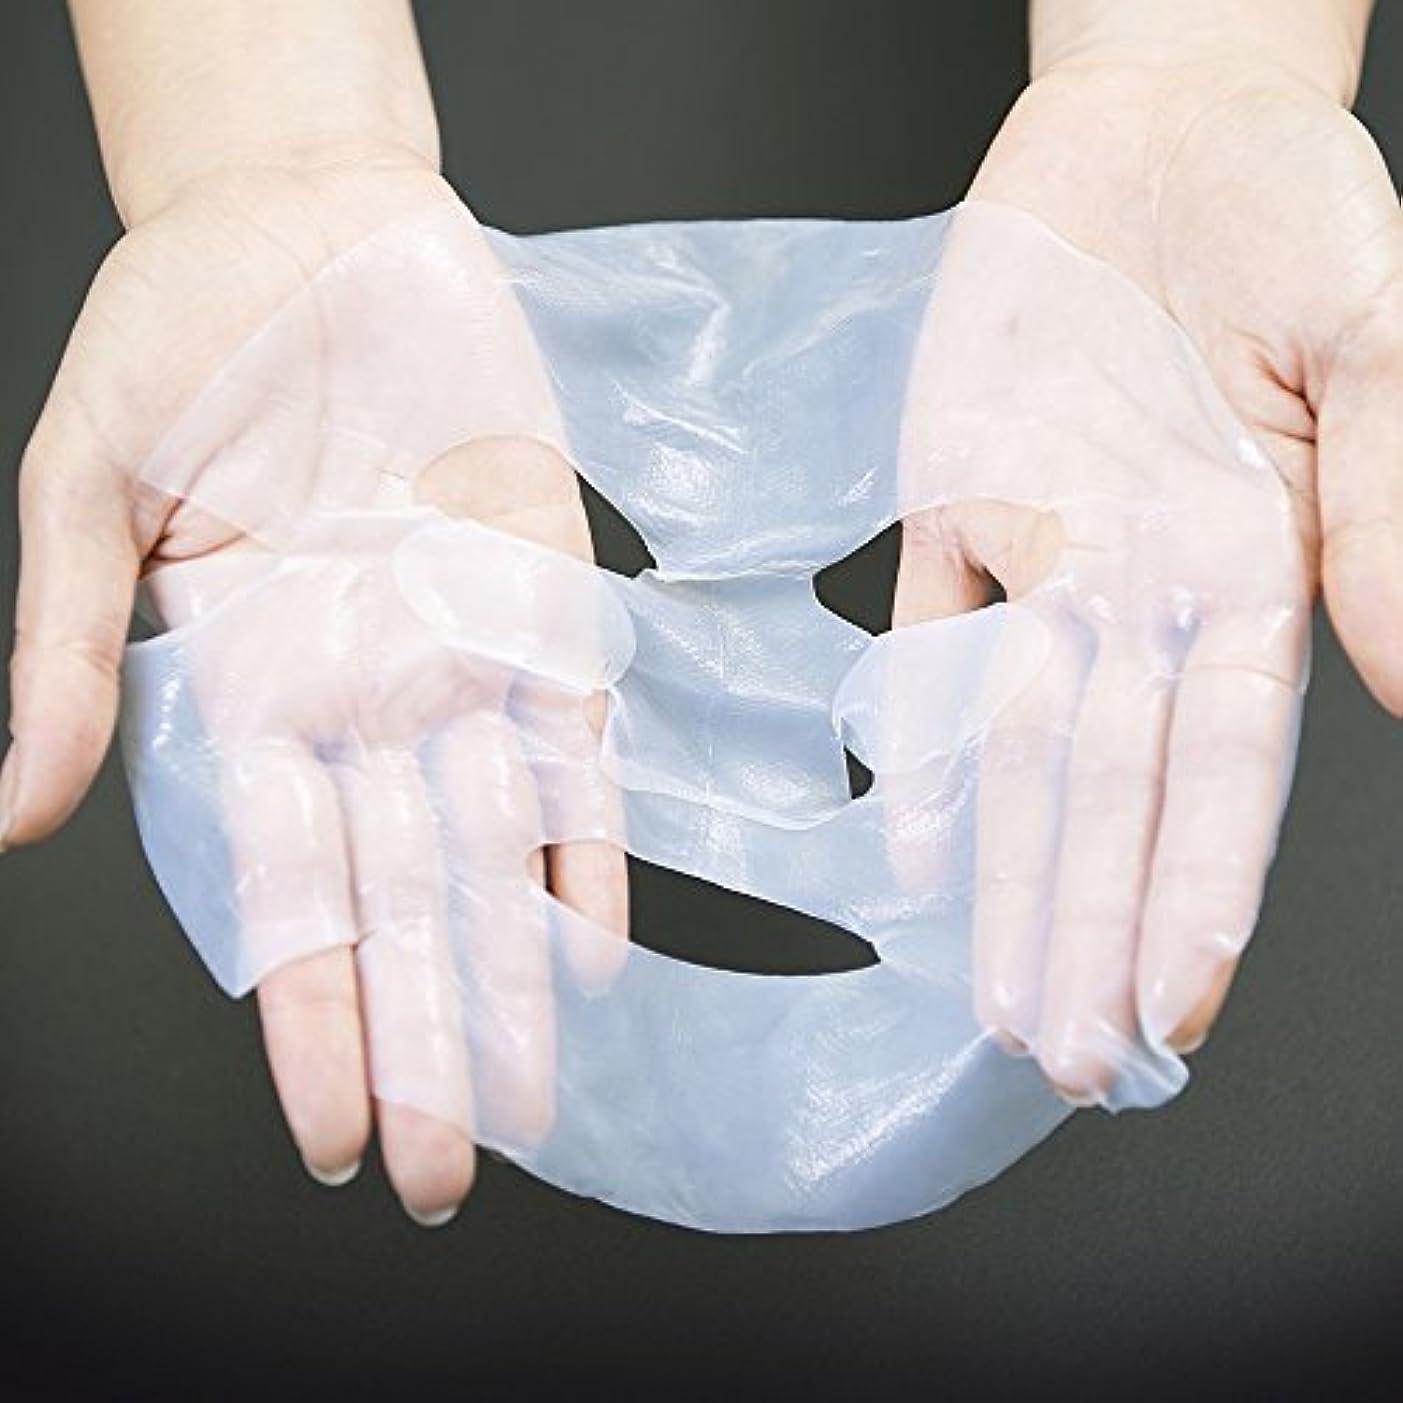 つづり狂人専門化するヒト幹細胞化粧品 ディアガイア フェイスパック 5枚セット